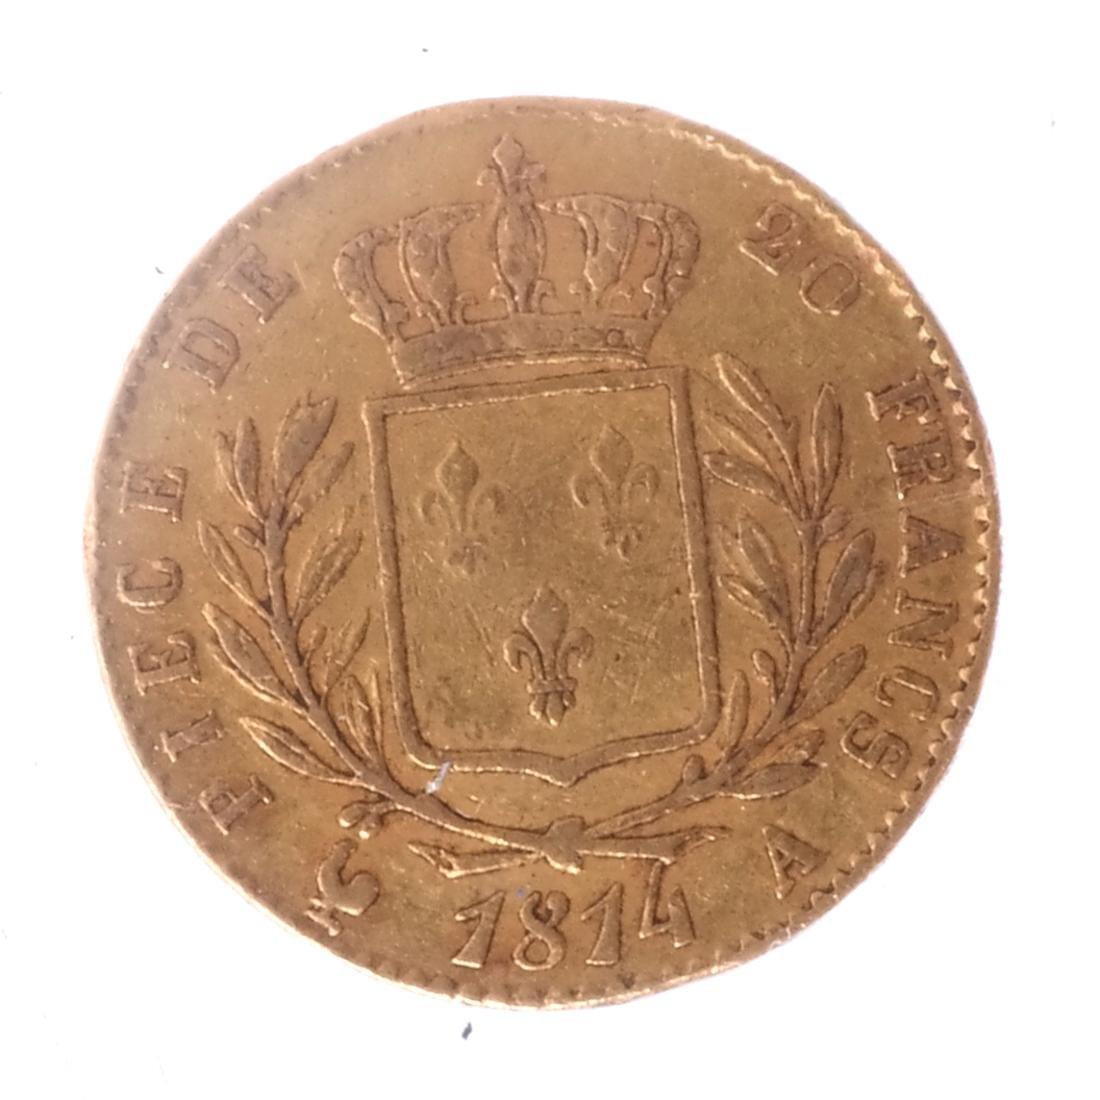 1814-A 20 Francs, France, Louis XVIII - 2